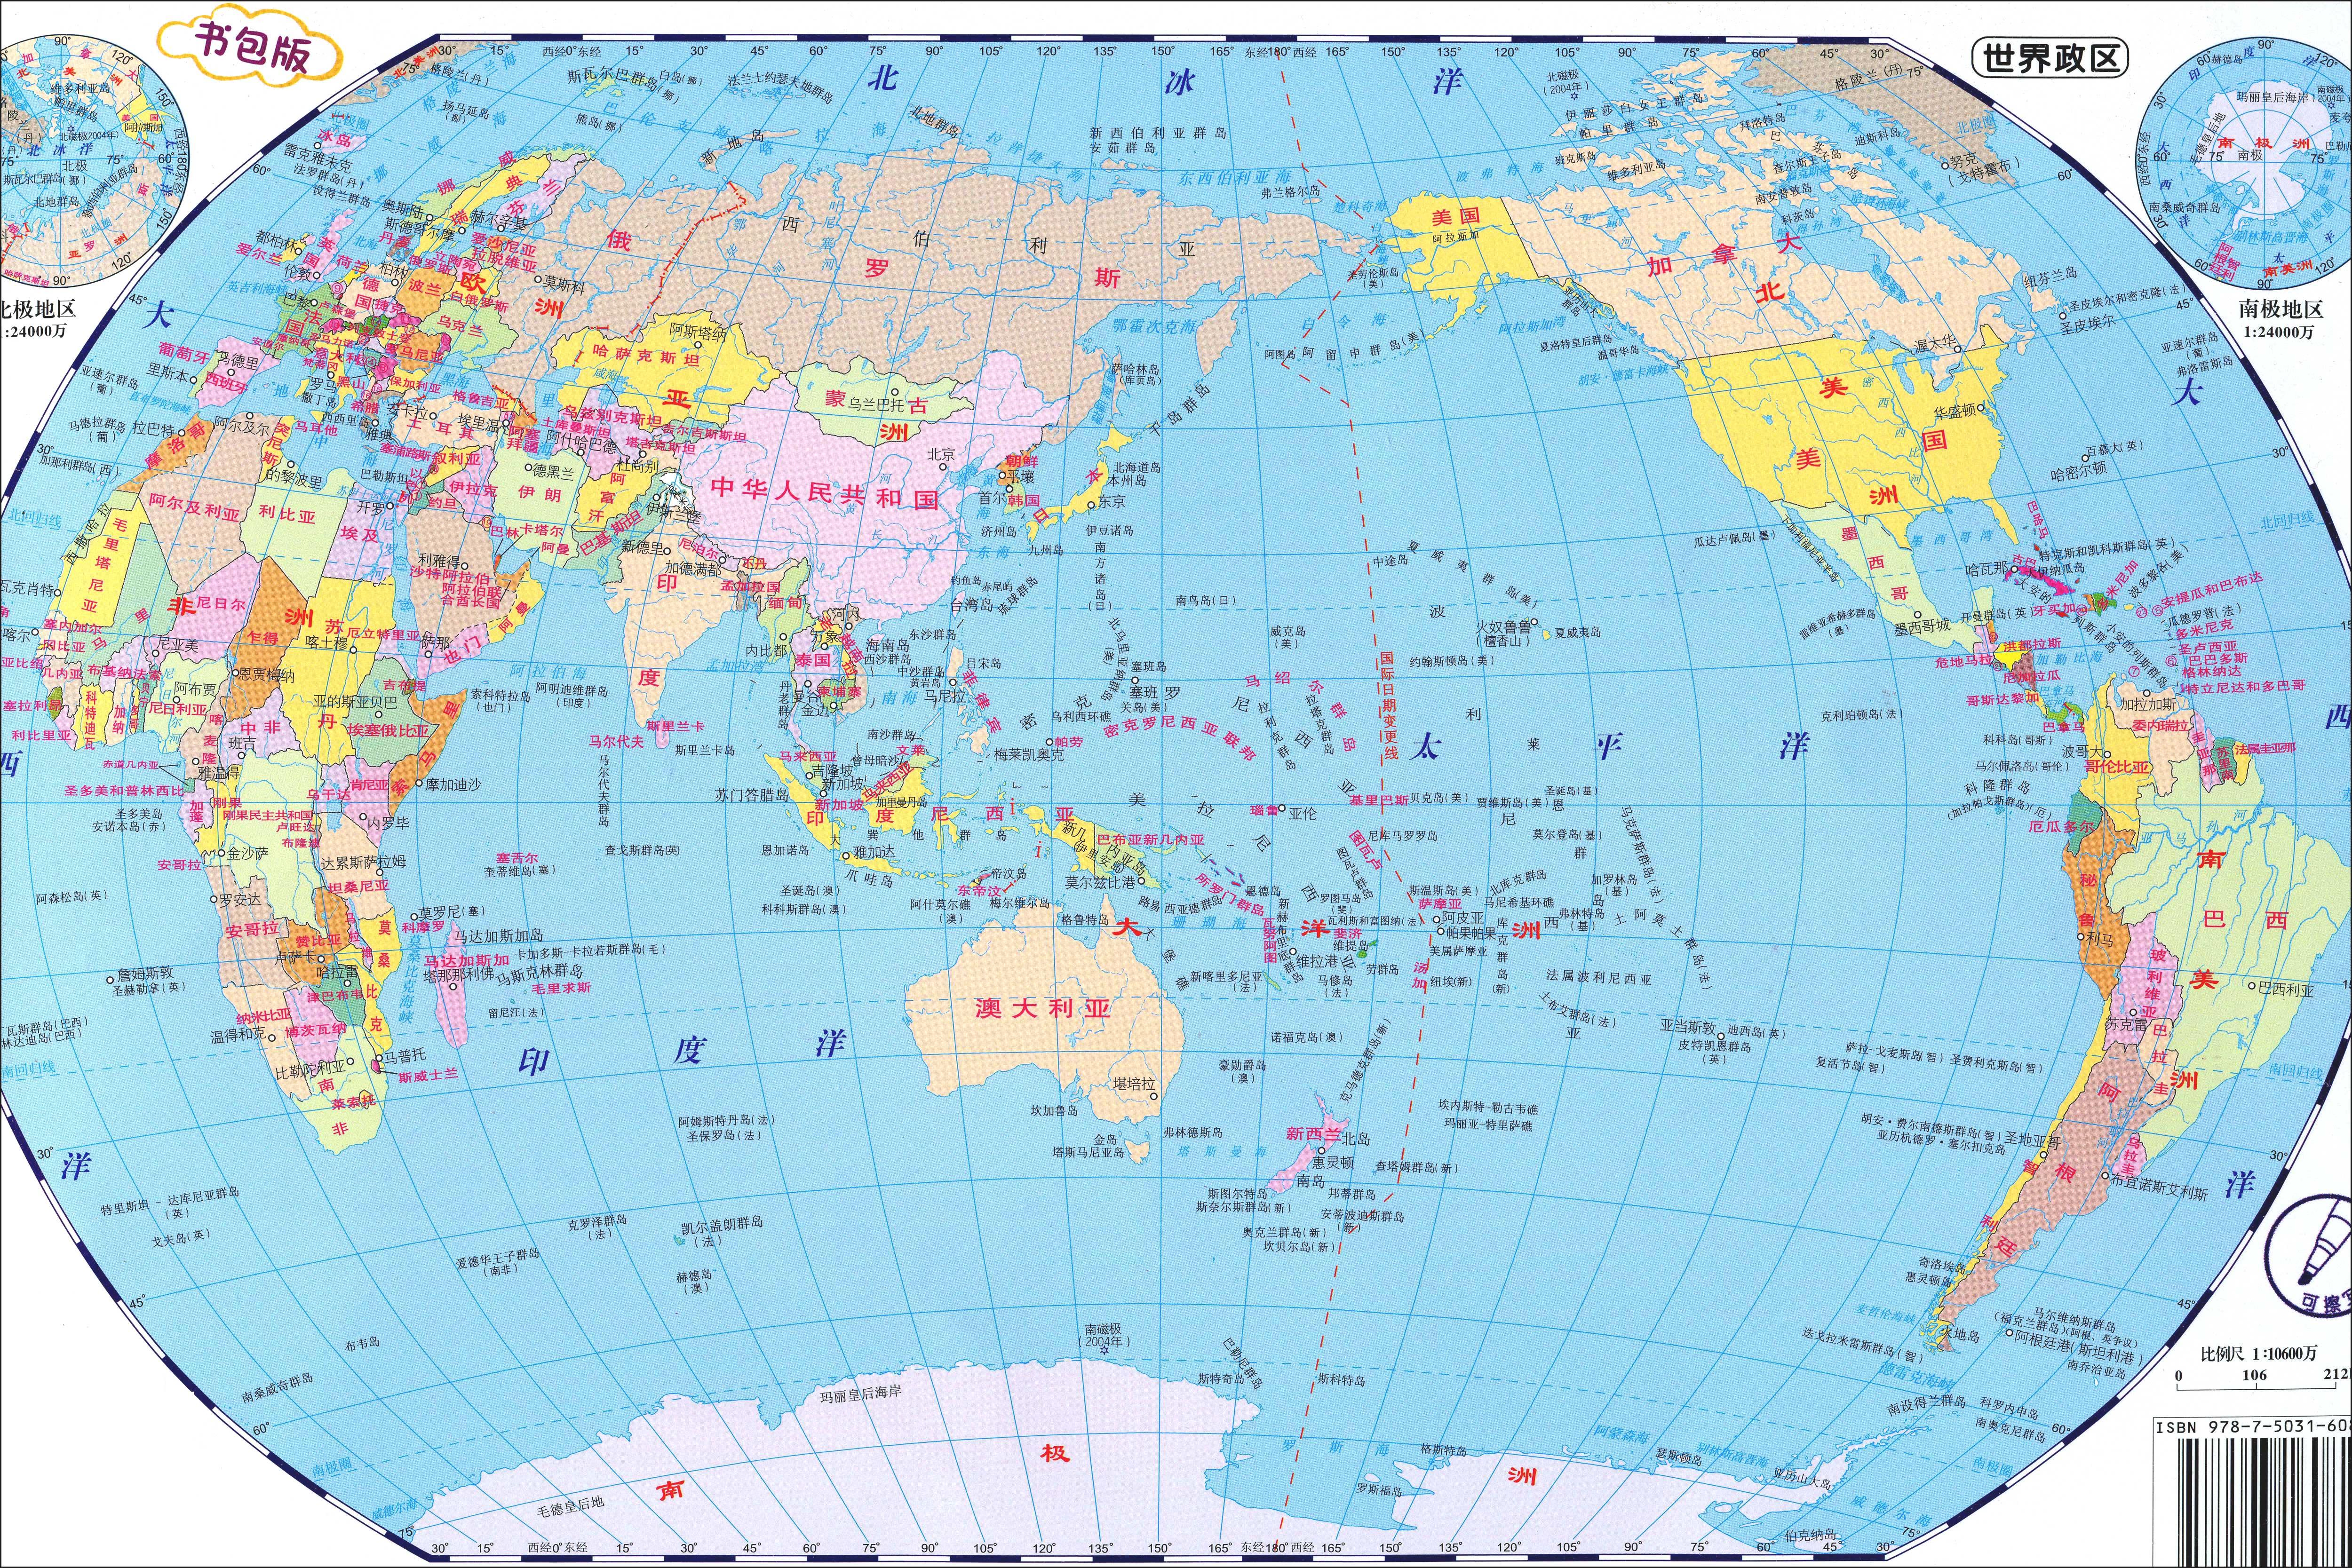 世界地图高清版大图_2015年1500万像素高清全图图片